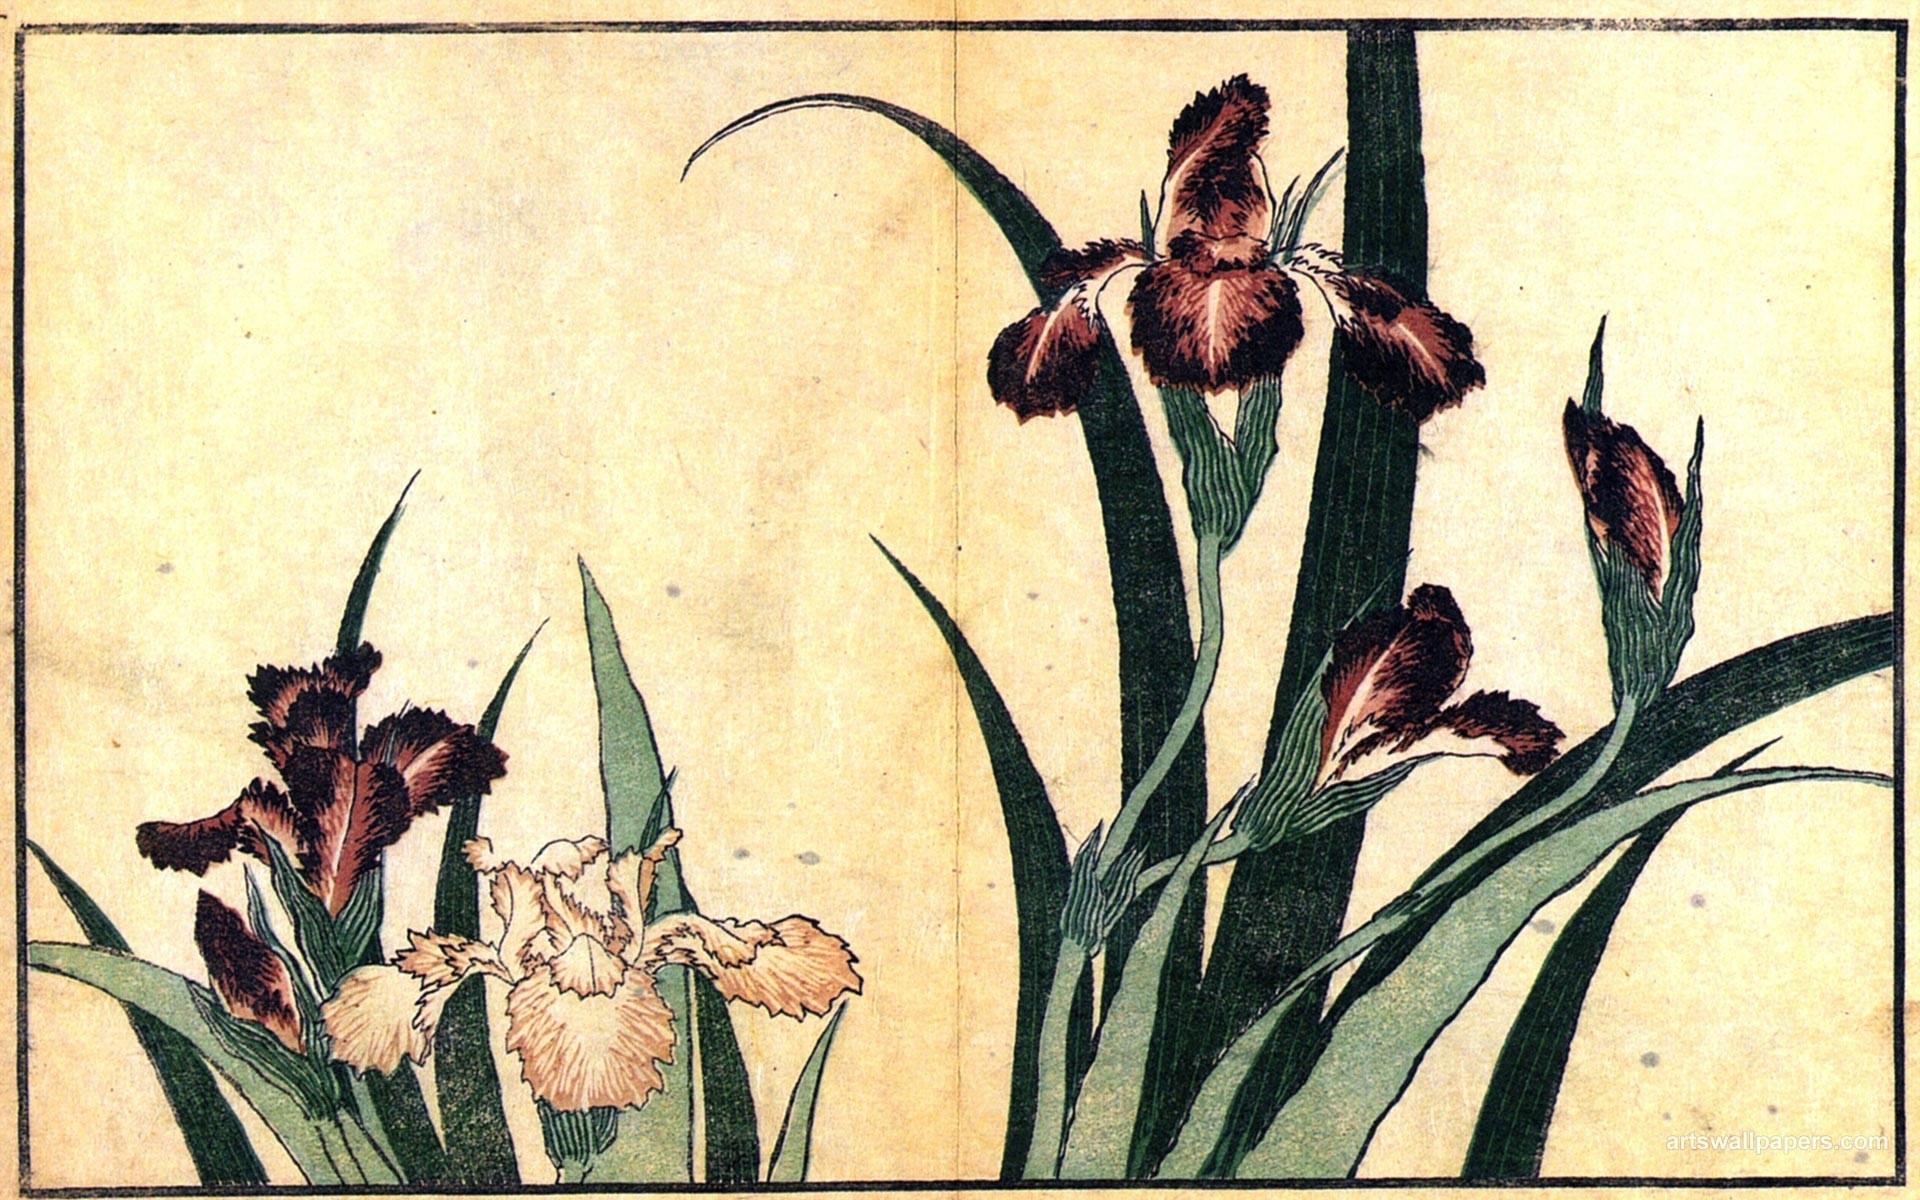 Hokusai Katsushika Ukiyo E Japanese Art Wallpaper, 1920×1200